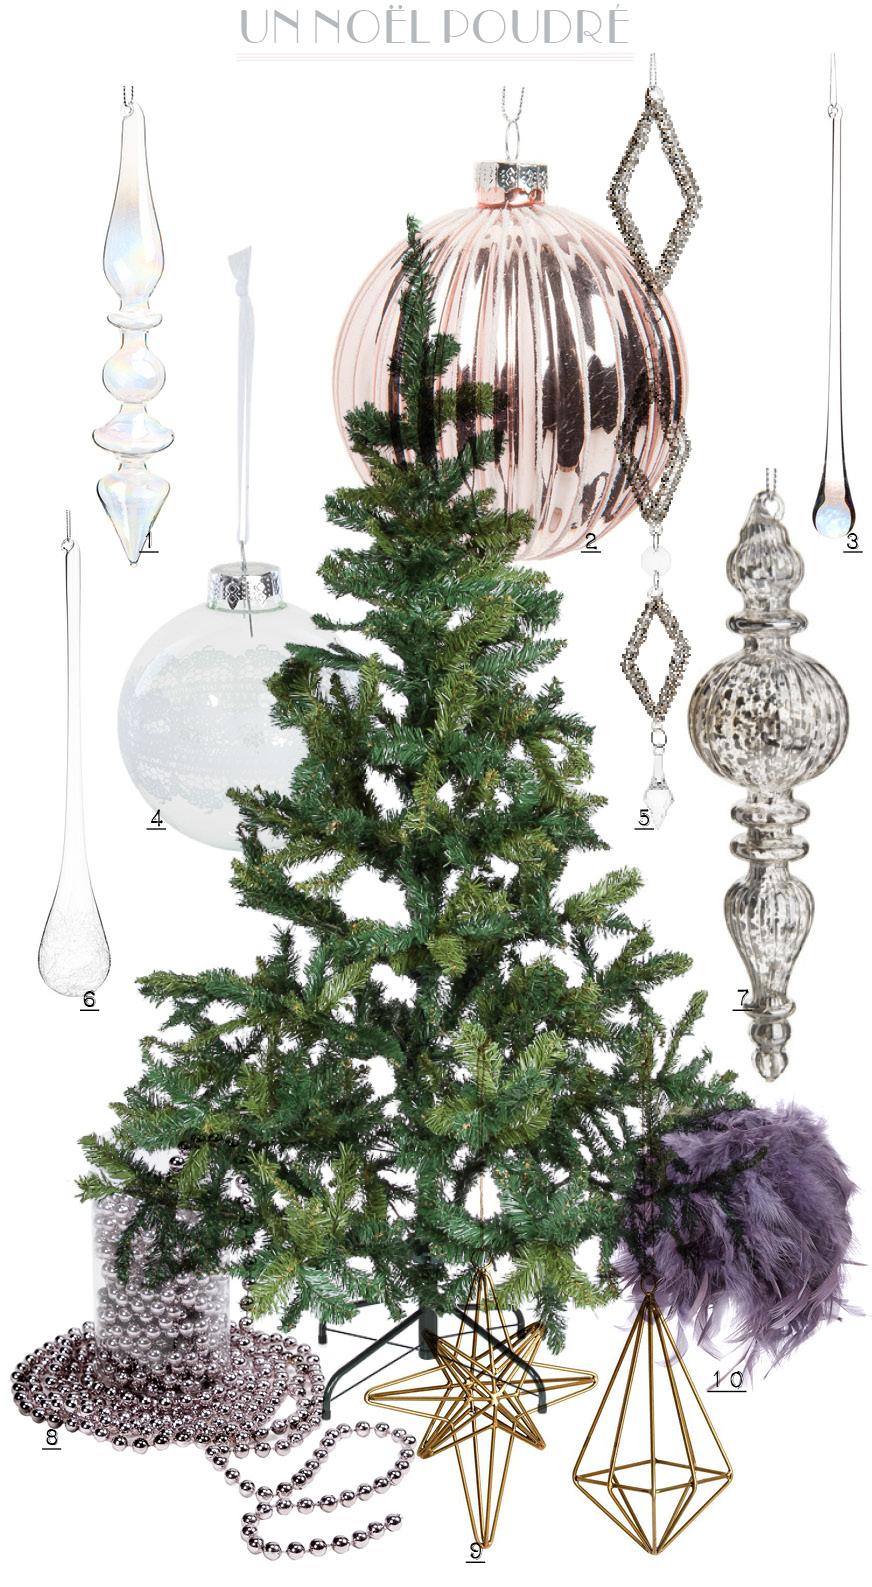 Le sapin de Noël : un décor poudré